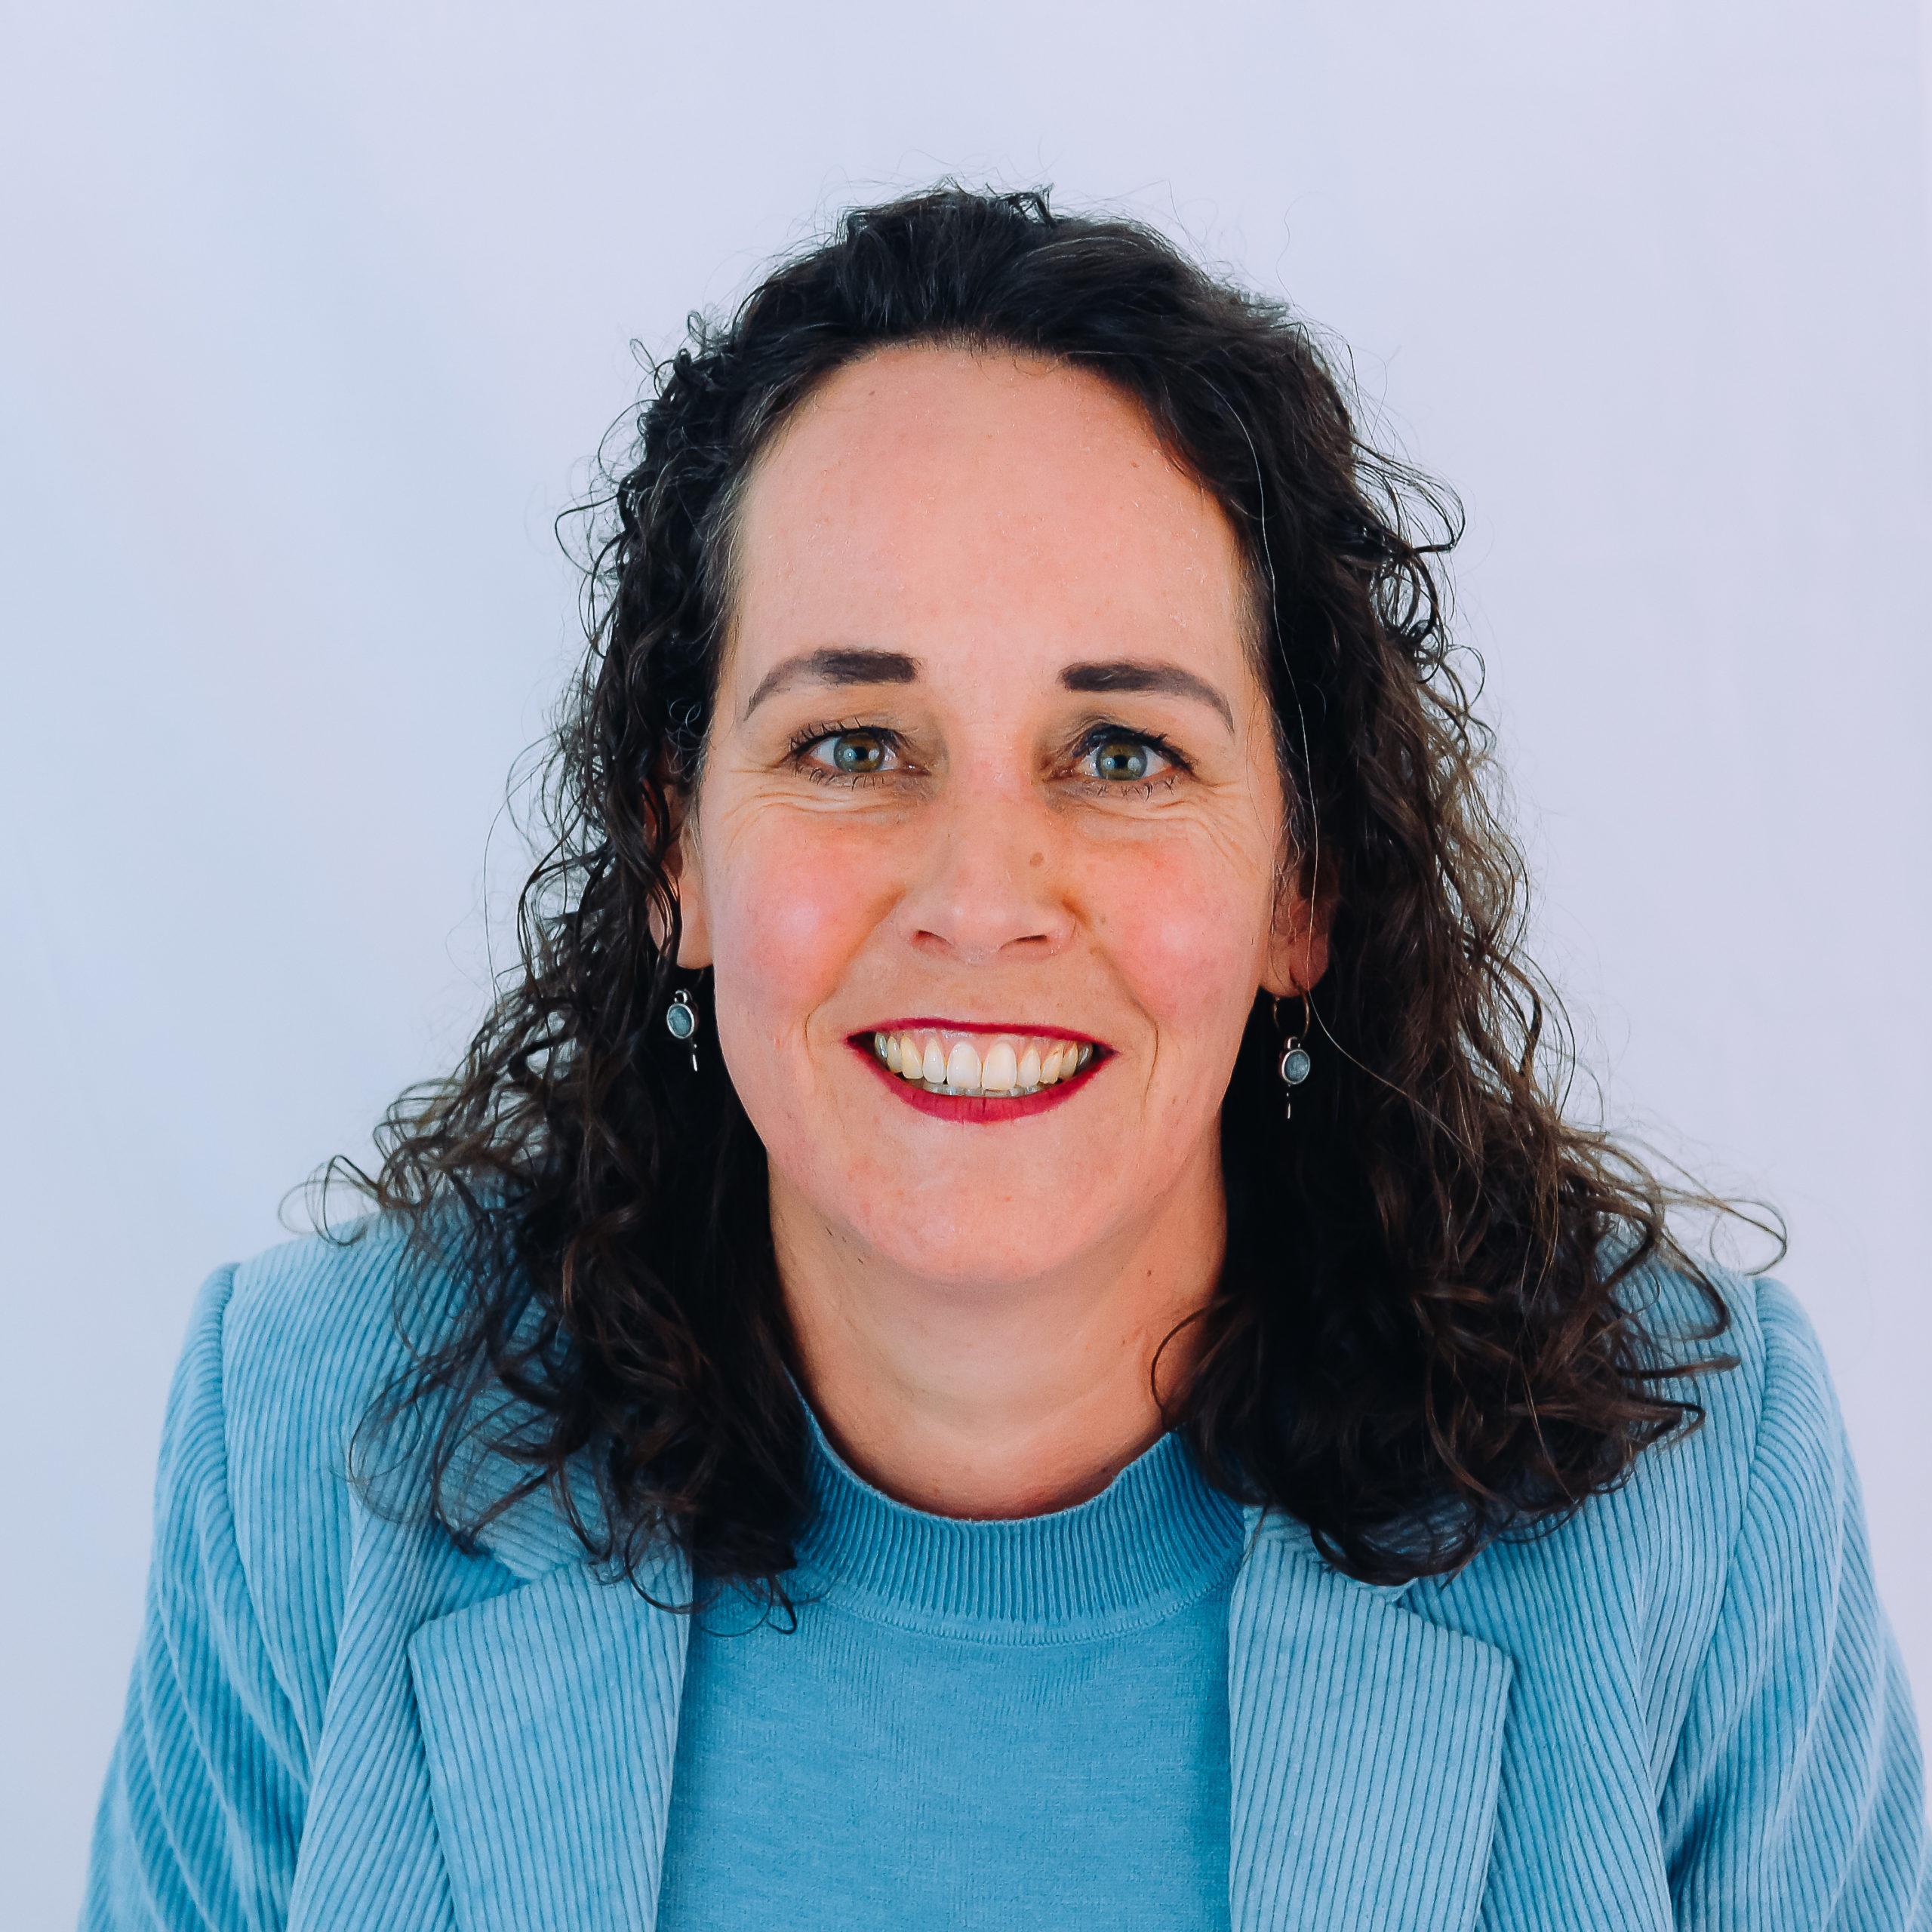 Miriam Jansen